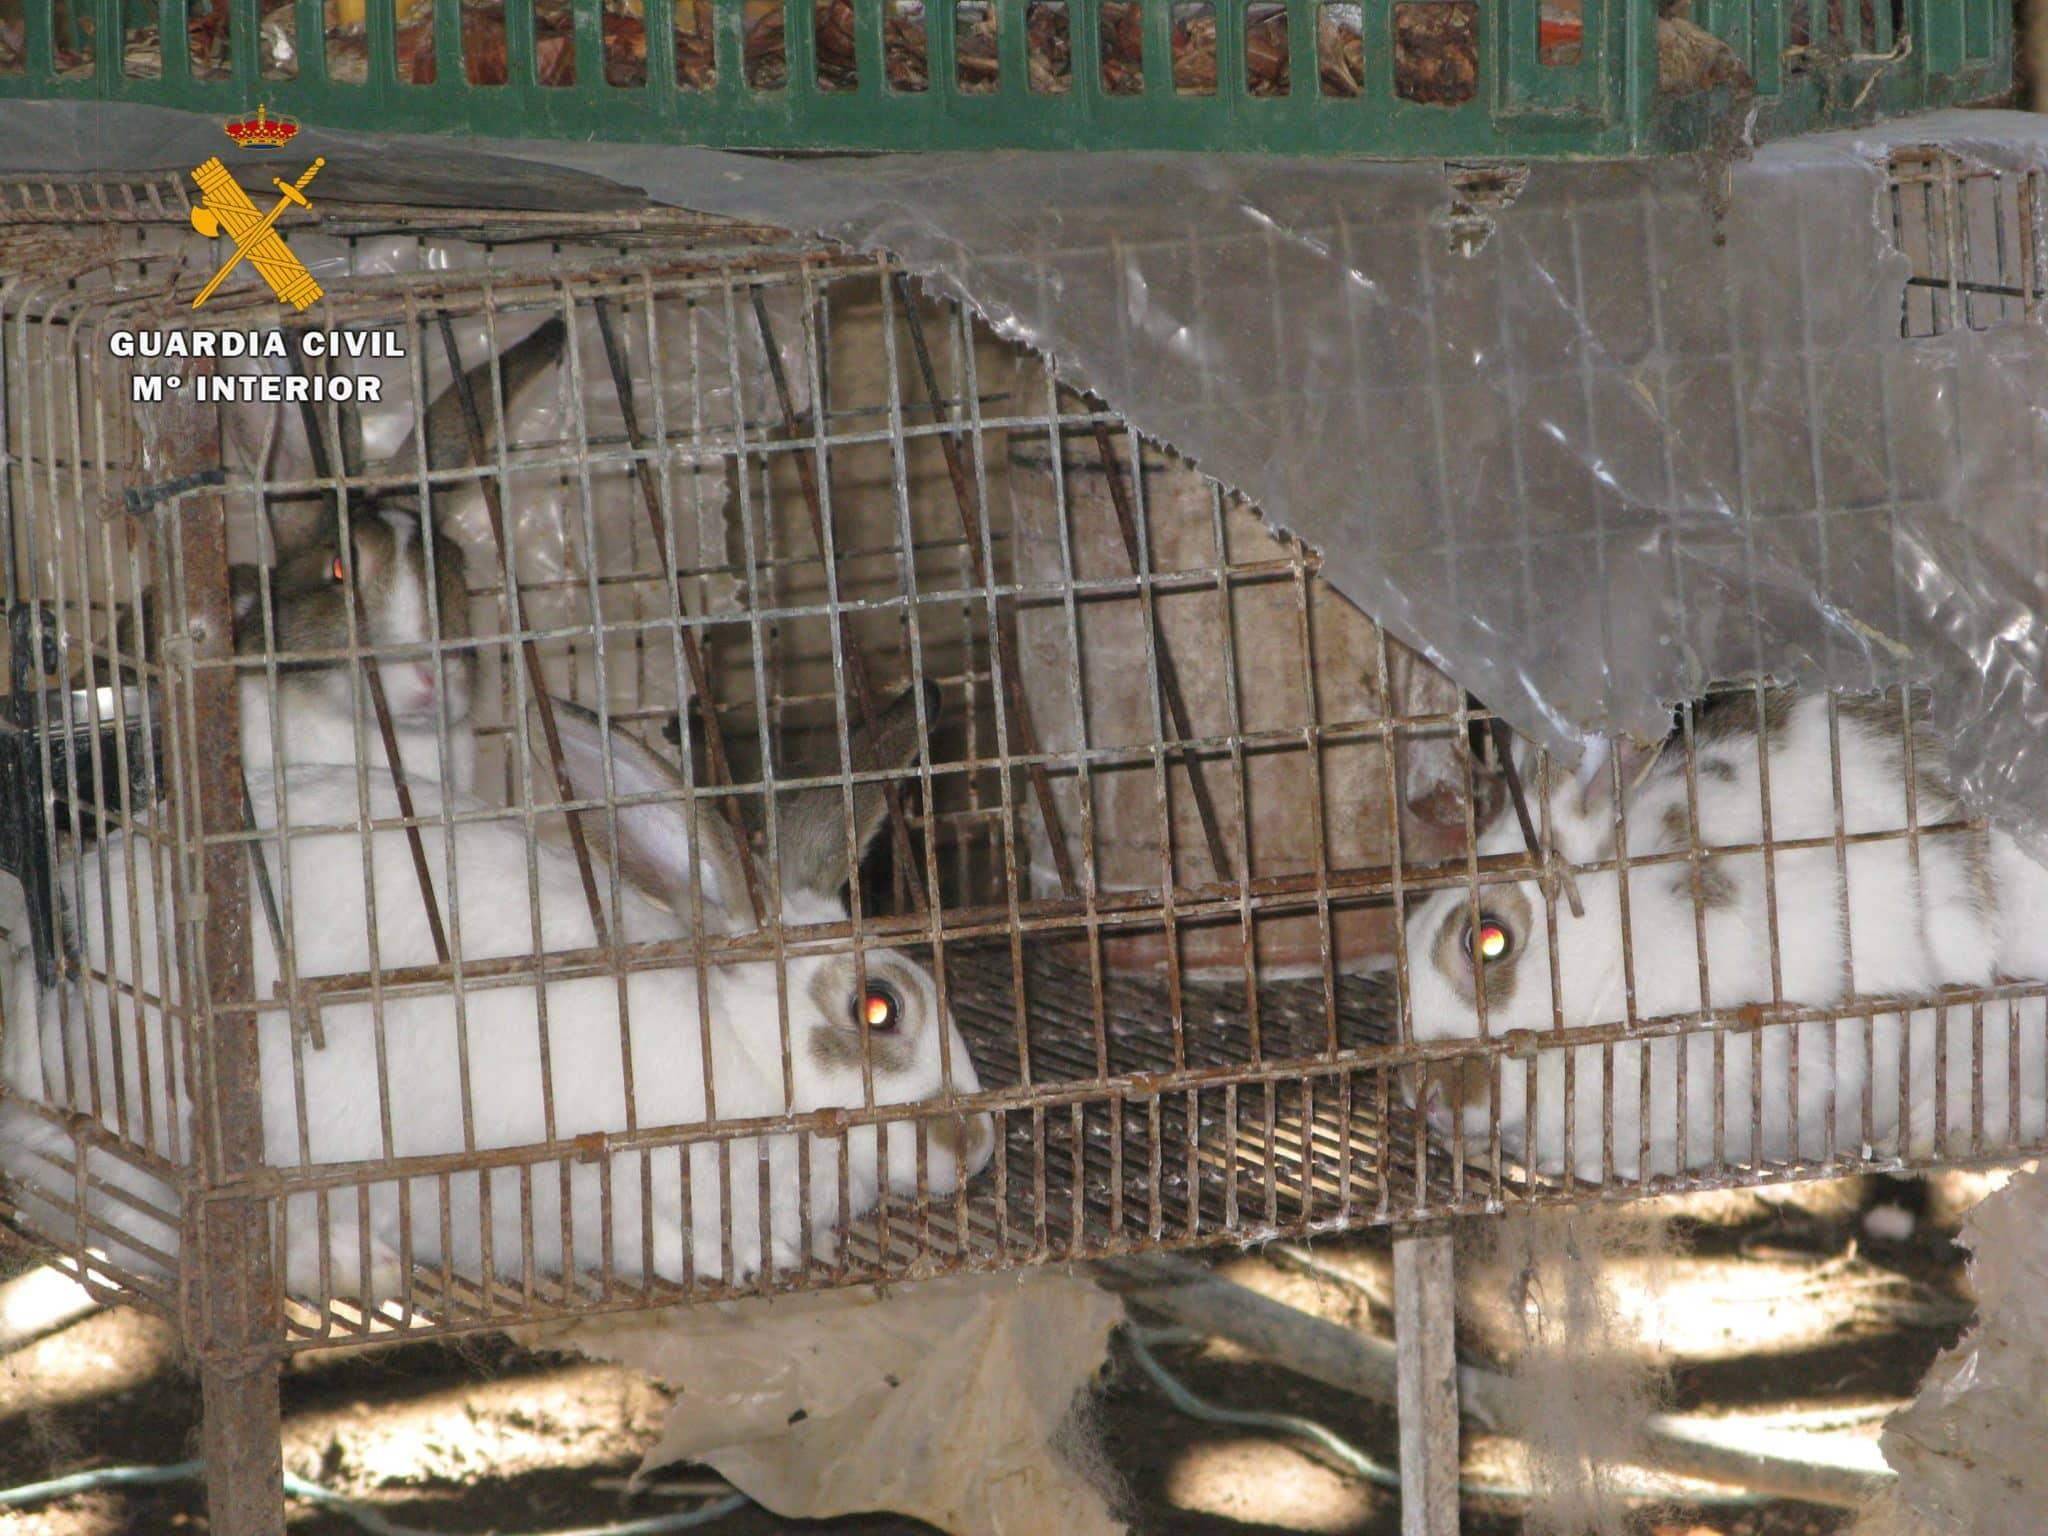 El SEPRONA localiza un 'zoo' ilegal en San Vicente de la Sonsierra con 159 animales 4